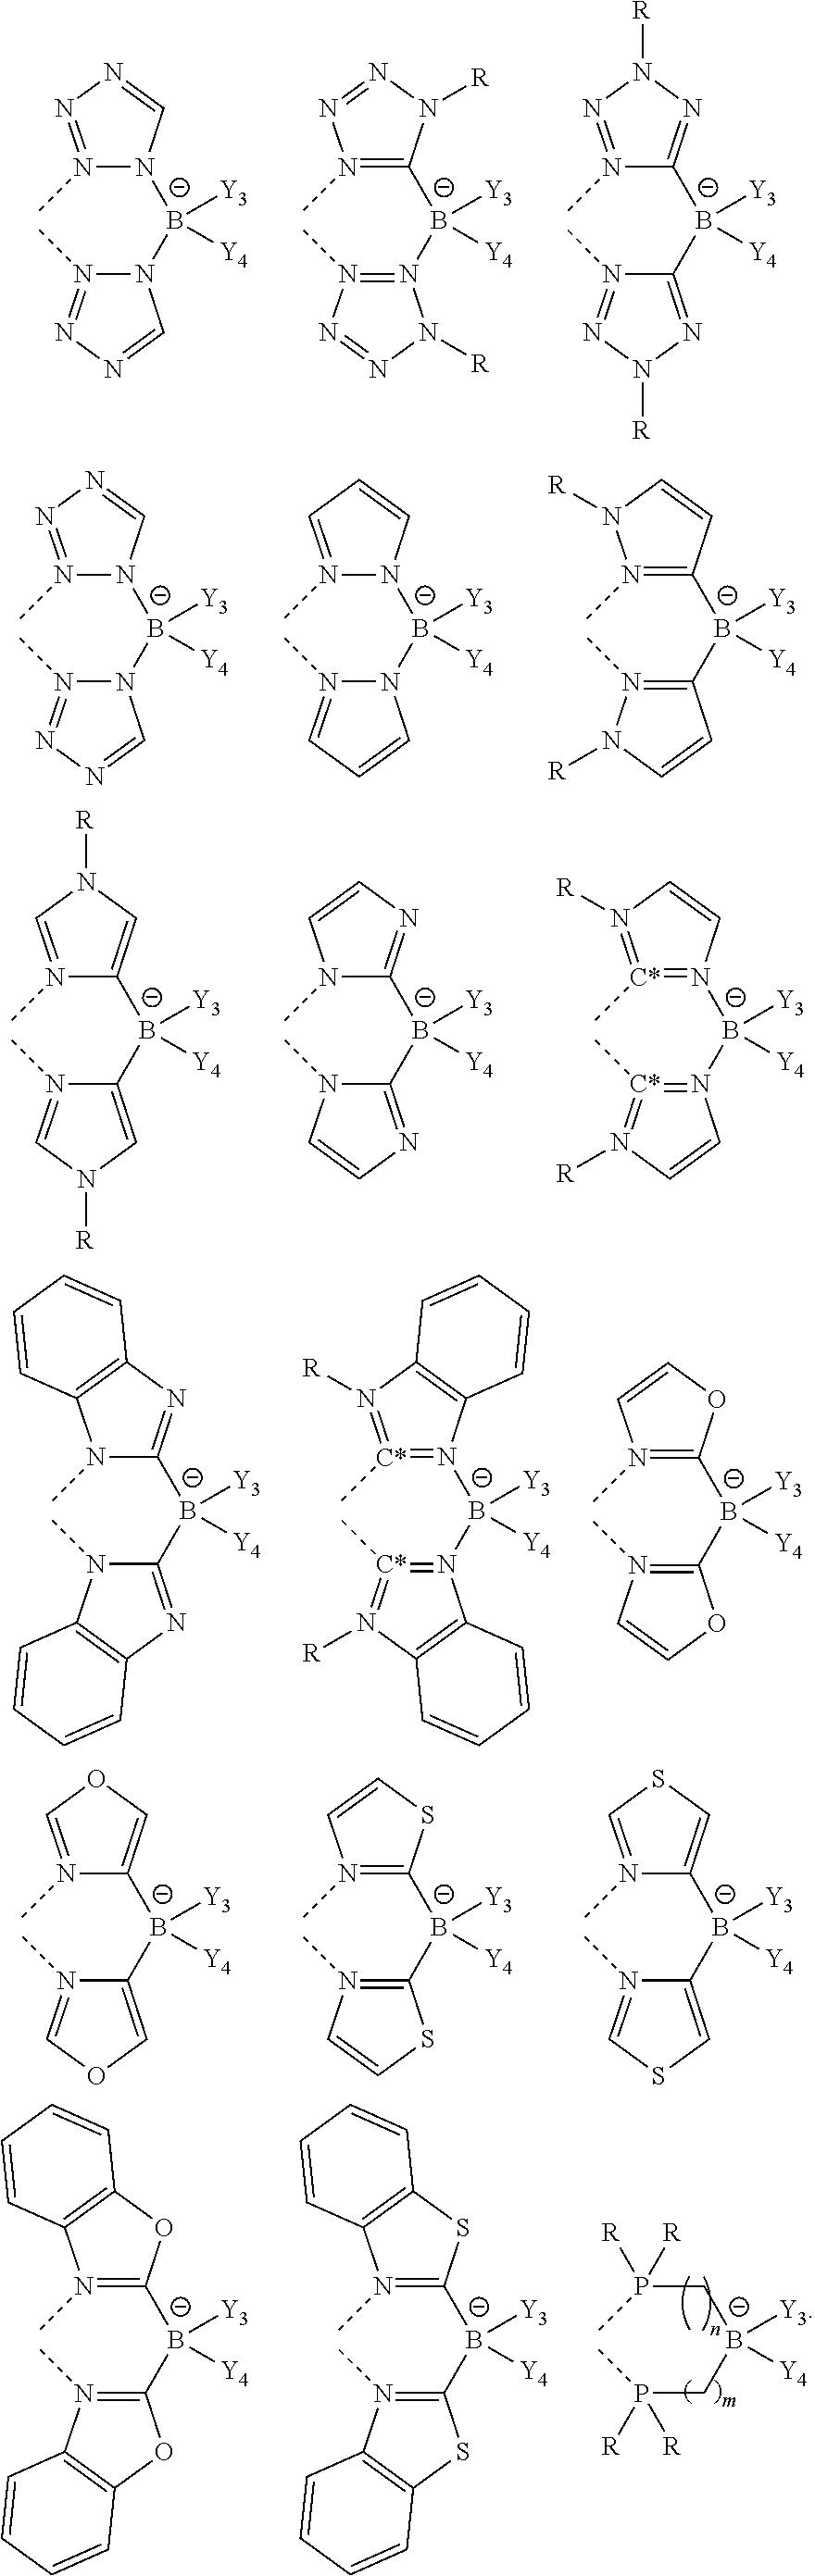 Figure US09773986-20170926-C00015